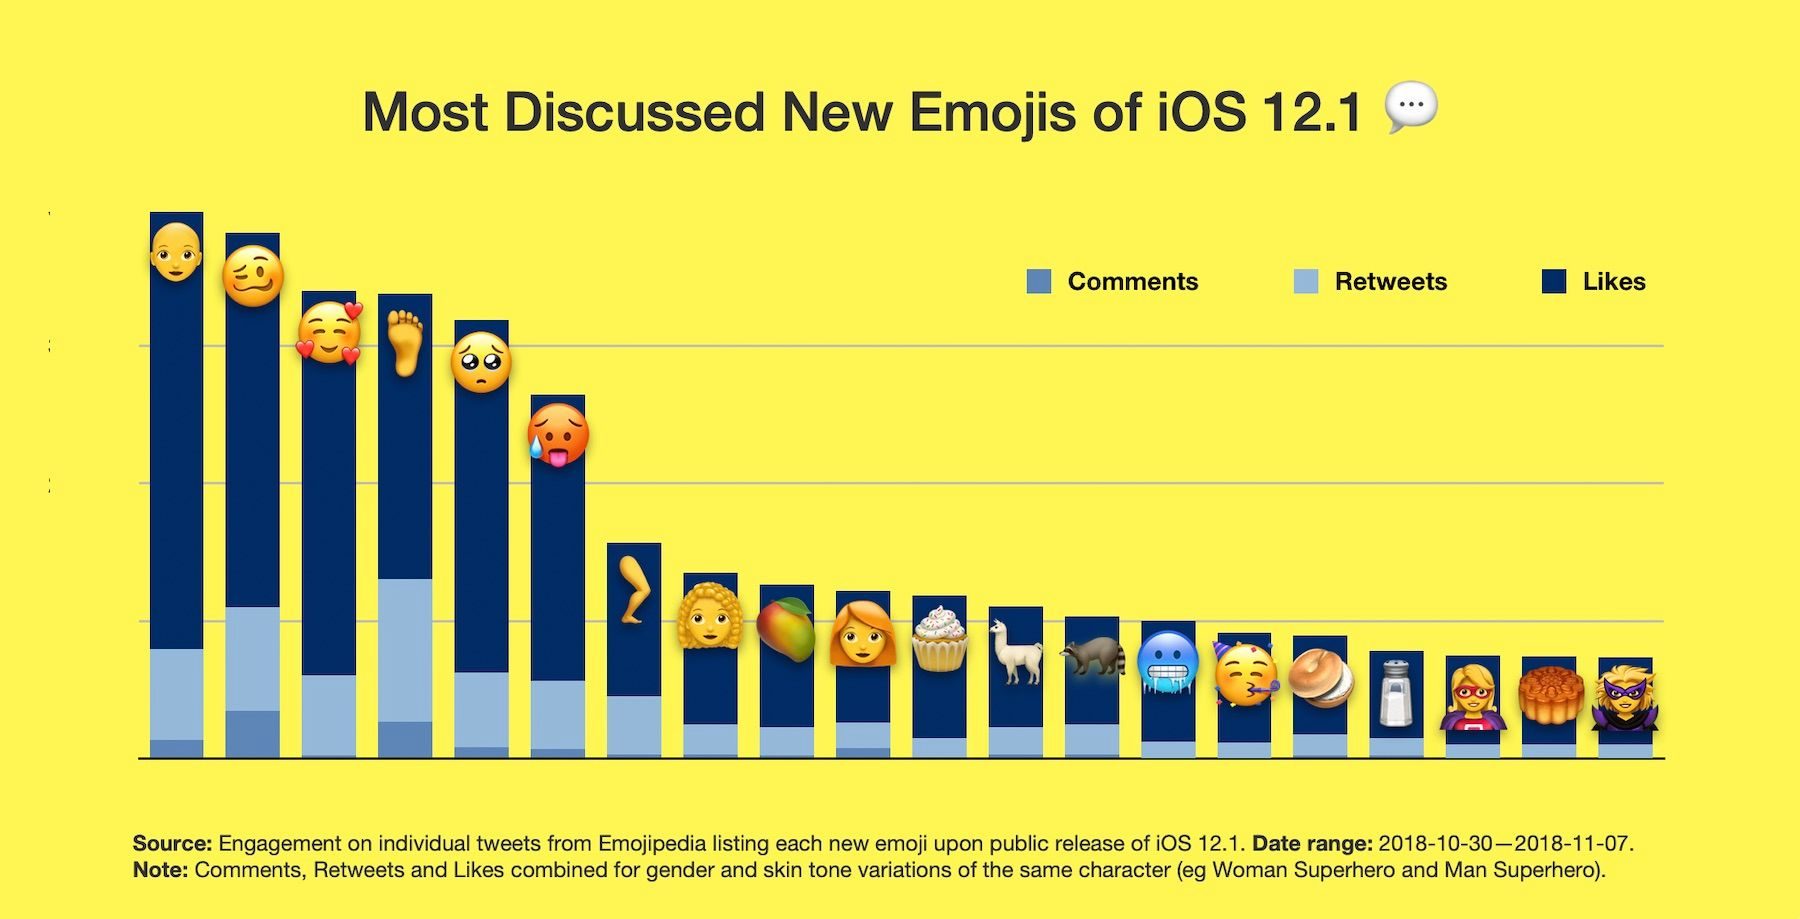 Meest besproken nieuwe emoji in een grafiek.